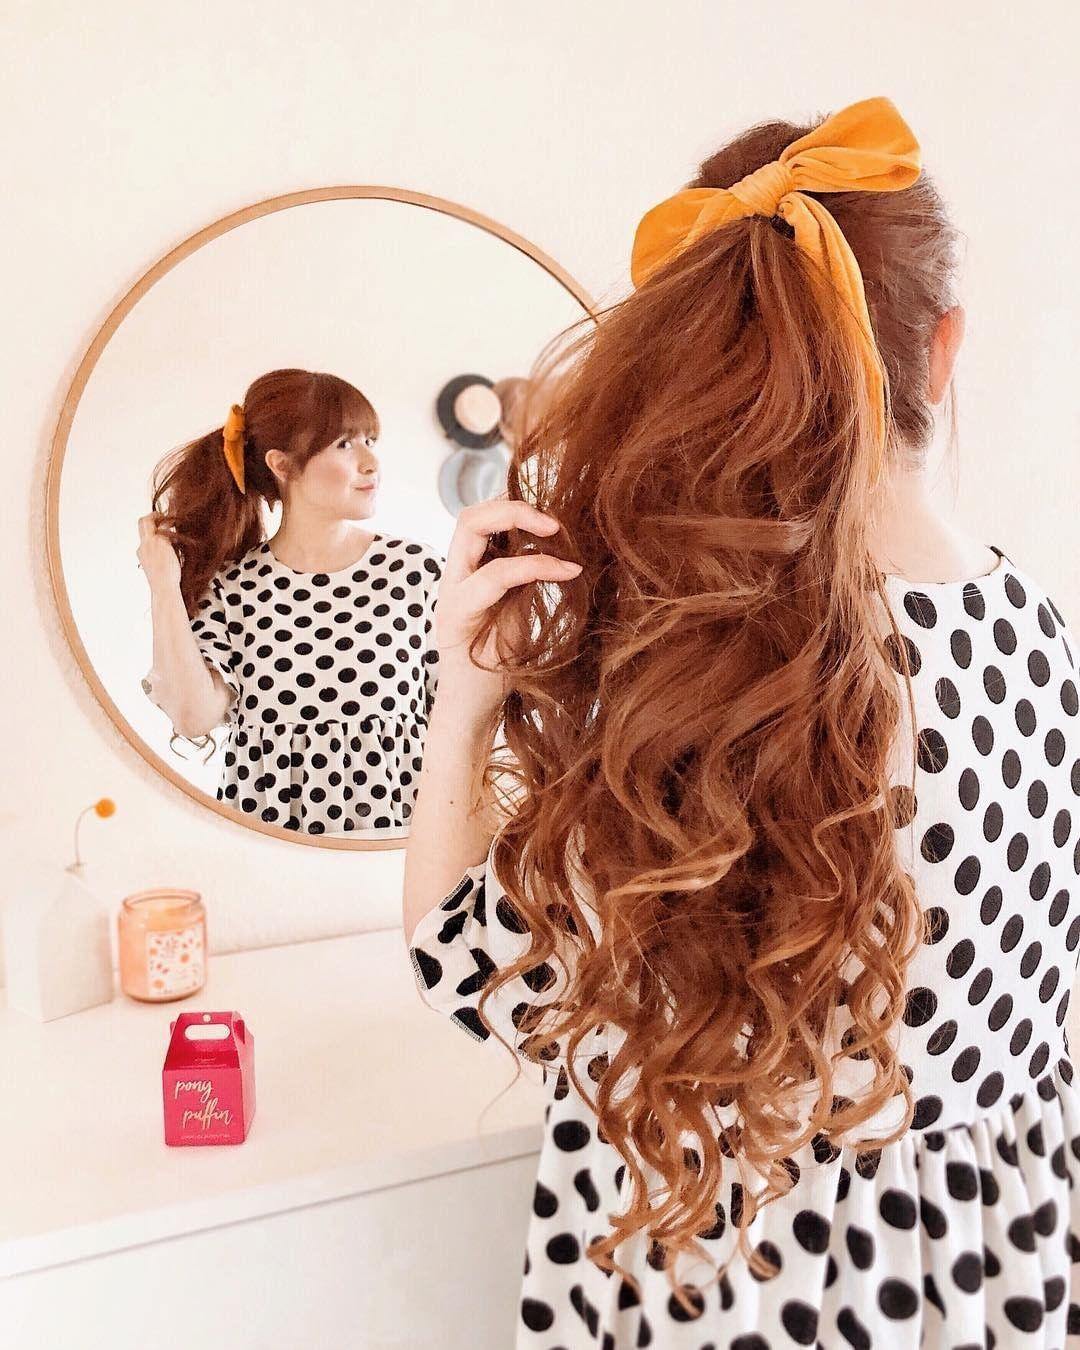 Fall In Love With Your Hair Unser Pony Puffin Wird Dich Dabei Unterstutzen Versprochen Von Littleredbowtique Puffinbeauty Ponypu Beauty Hair Puffin